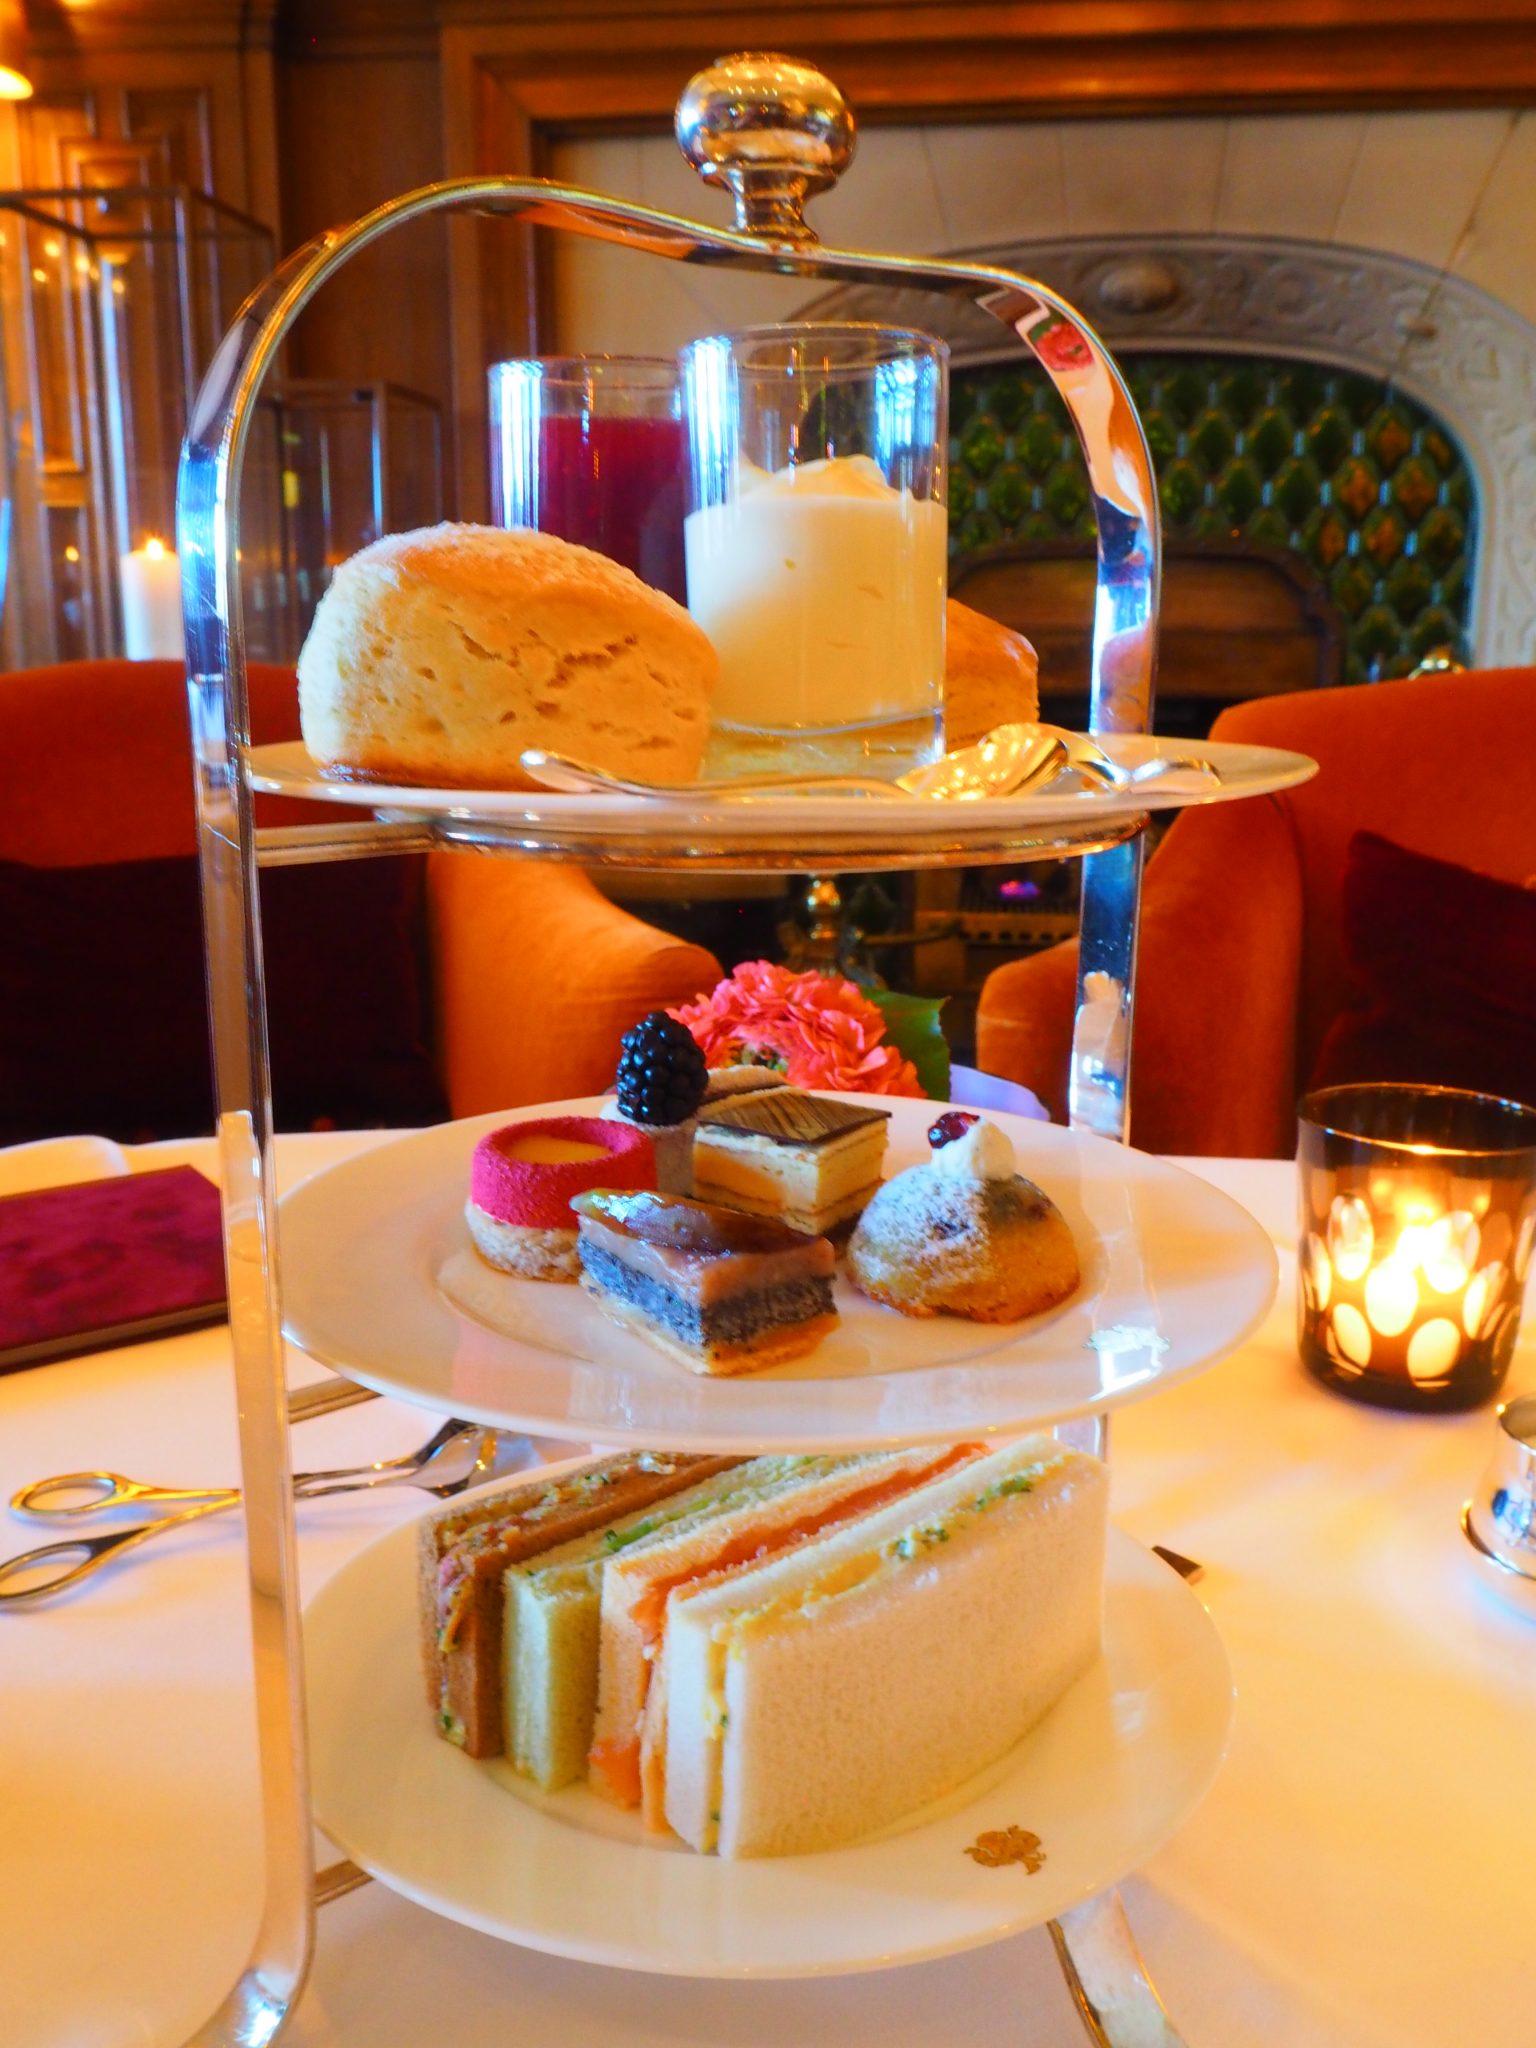 Afternoon Tea at The Fairmont Vier Jahreszeiten Hamburg – Review